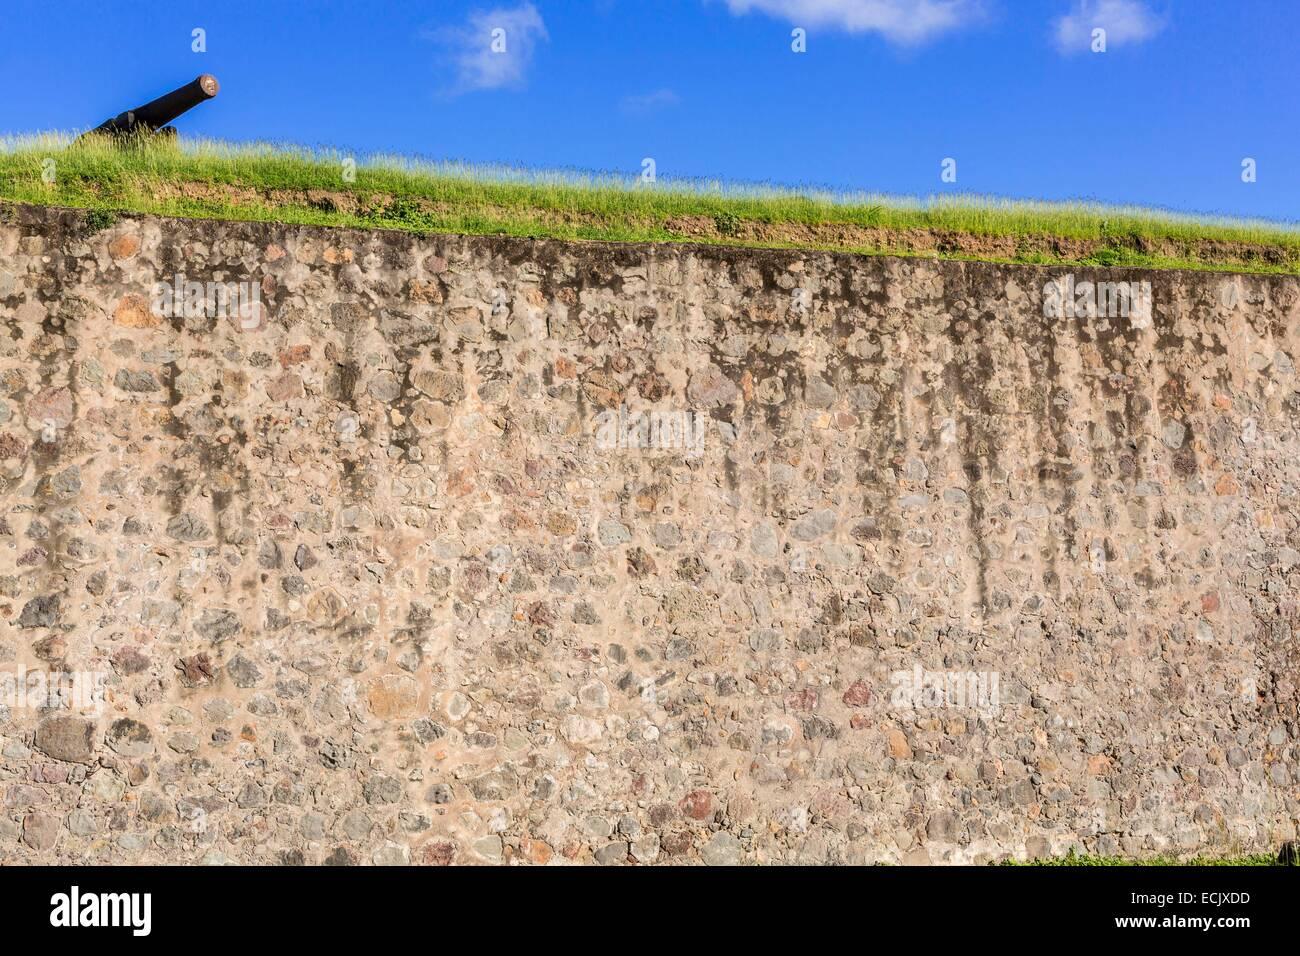 La France, Guadeloupe, Basse-terre, fort Delgres anciennement Fort Saint Charles (classé monument historique en 1977) a été fondée au 17ème siècle mais a été considérablement modifié au xviiie siècle sur les fortifications de Canon Banque D'Images